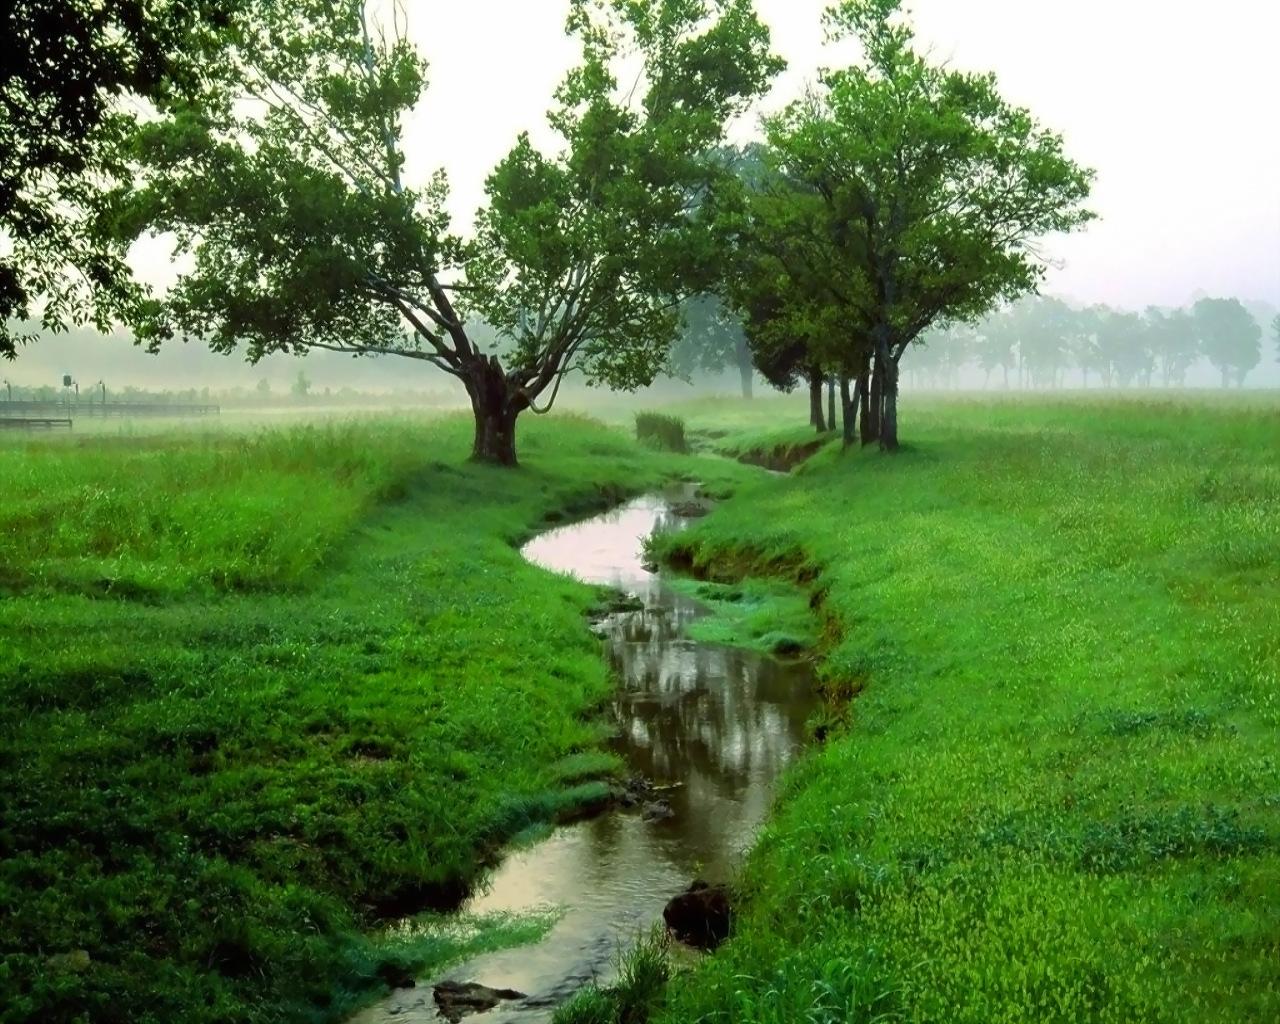 http://1.bp.blogspot.com/-0XGtg0fARfs/T77IVFDREaI/AAAAAAAAE2E/zC4V9t7lqlw/s1600/Green-Wallpaper-green-19662591-1280-1024.jpg